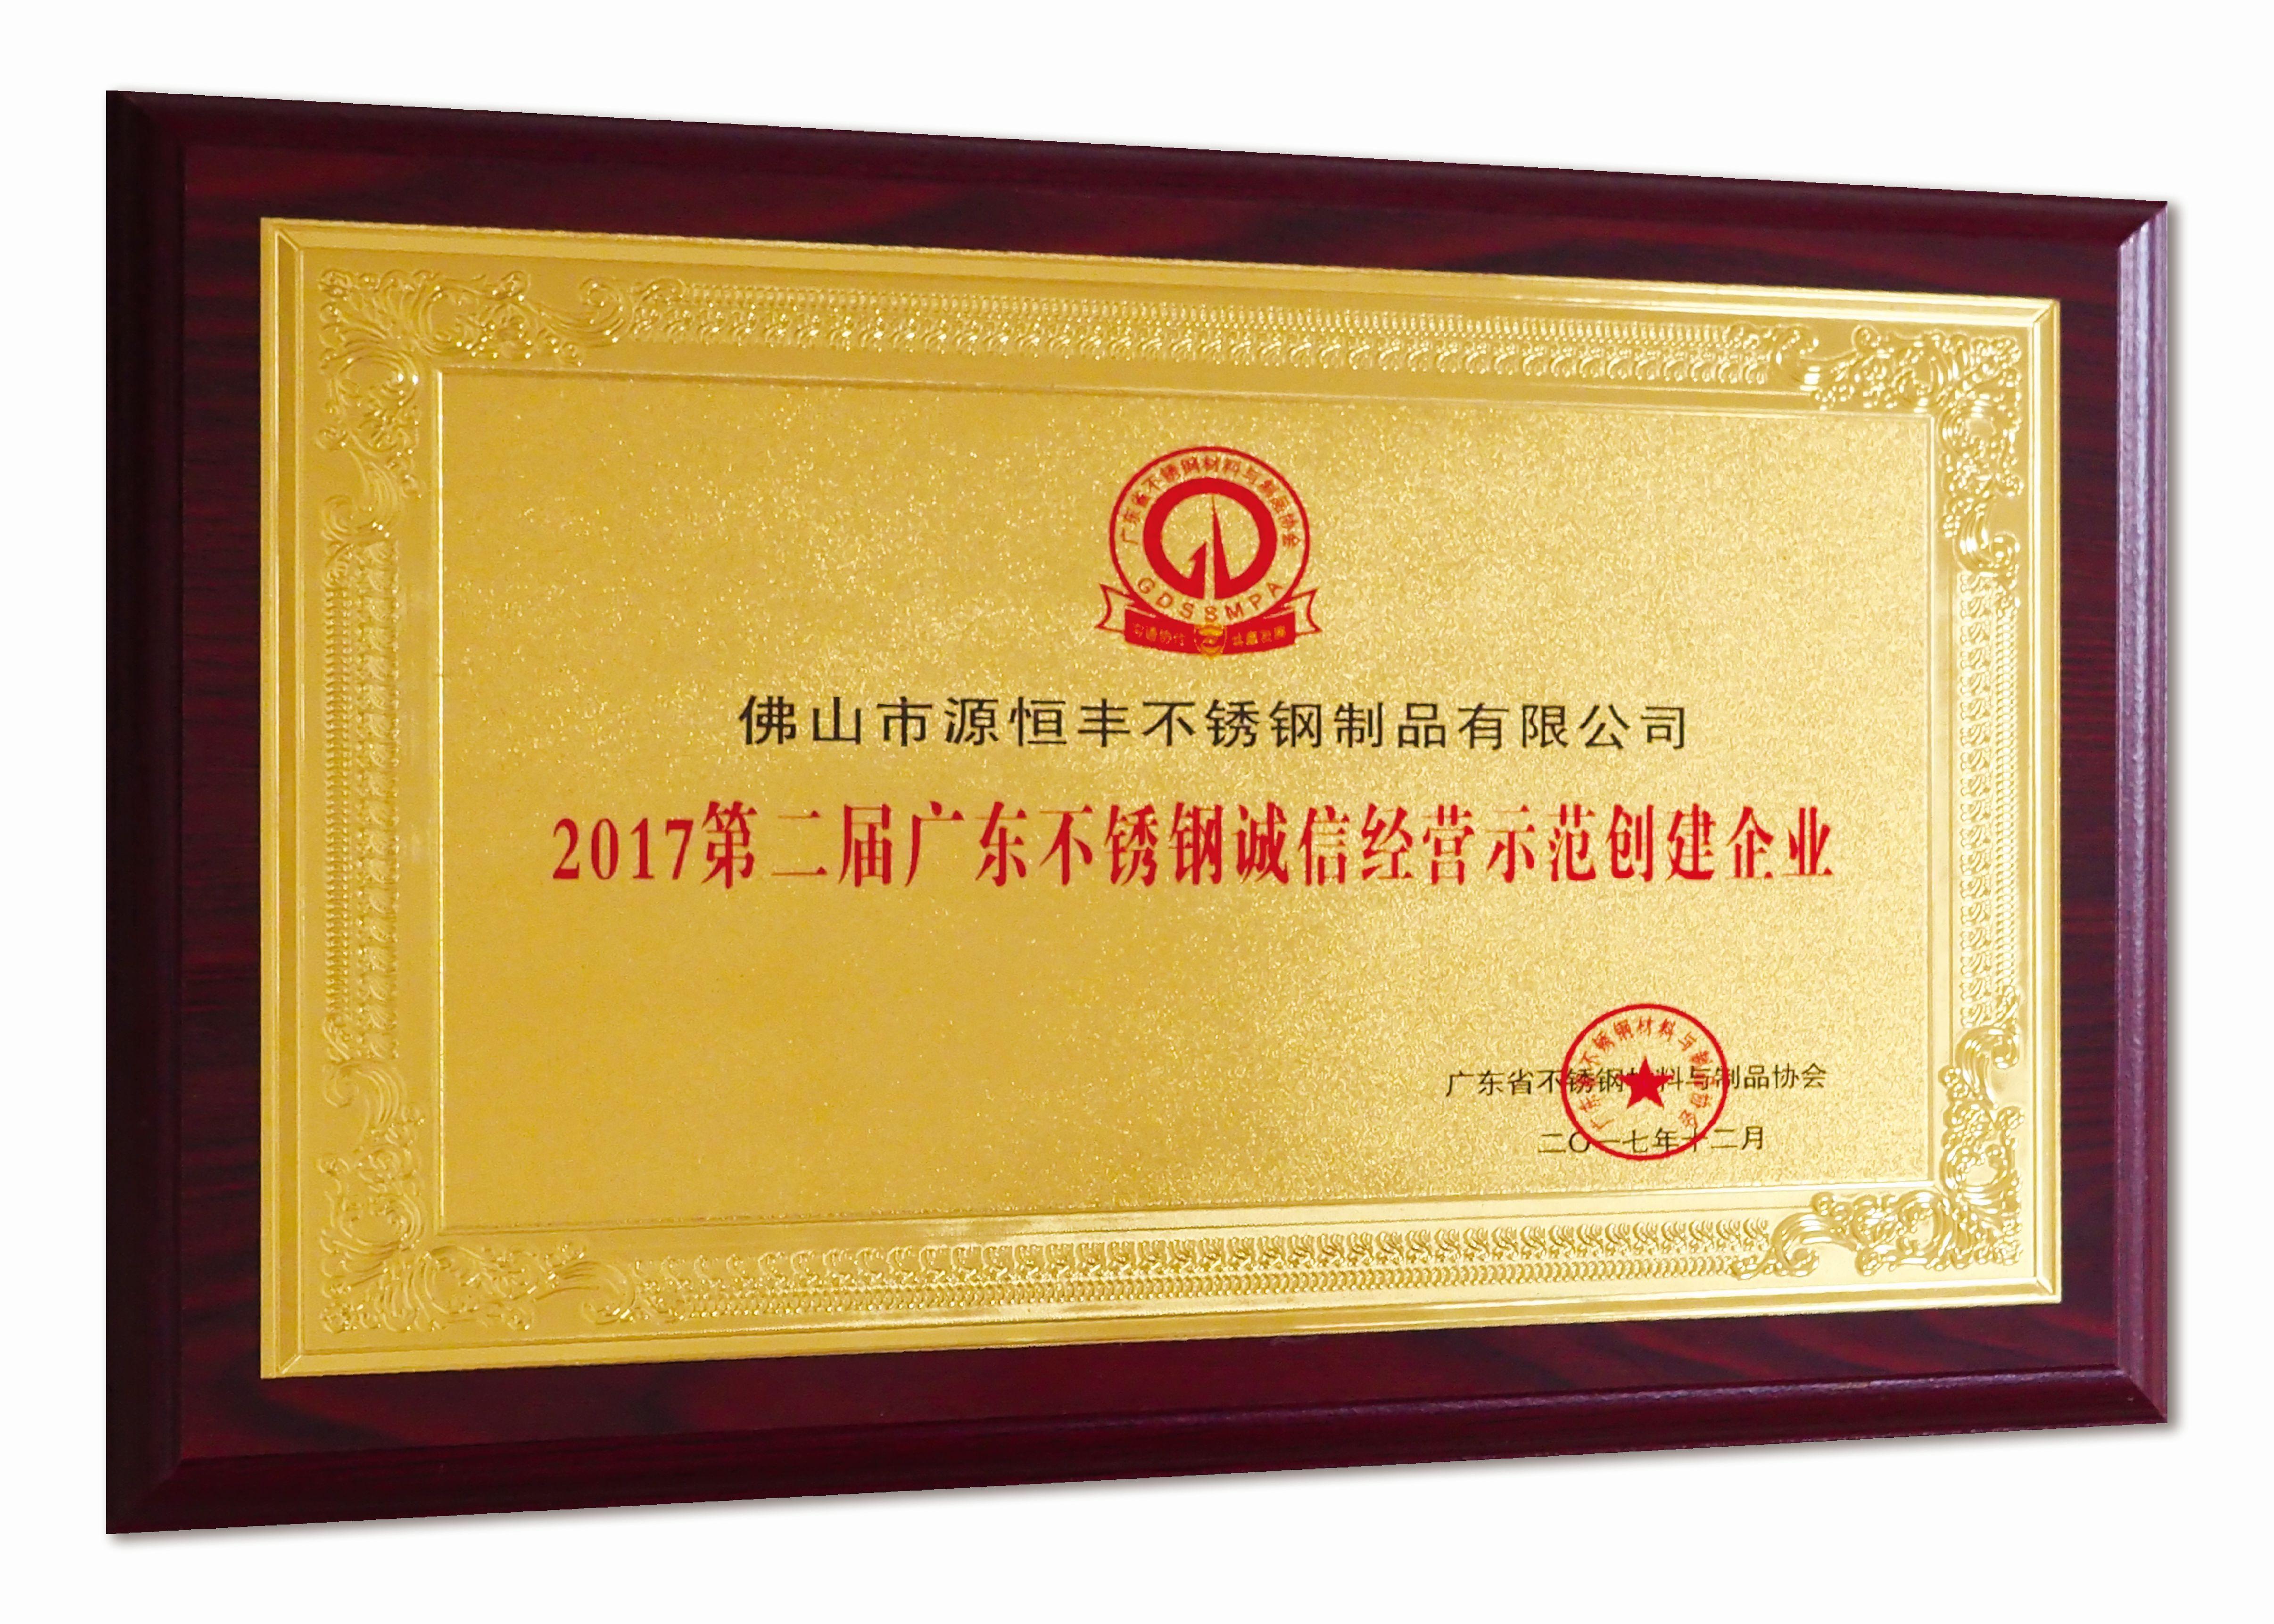 广东不锈钢诚信经营示范创建企业